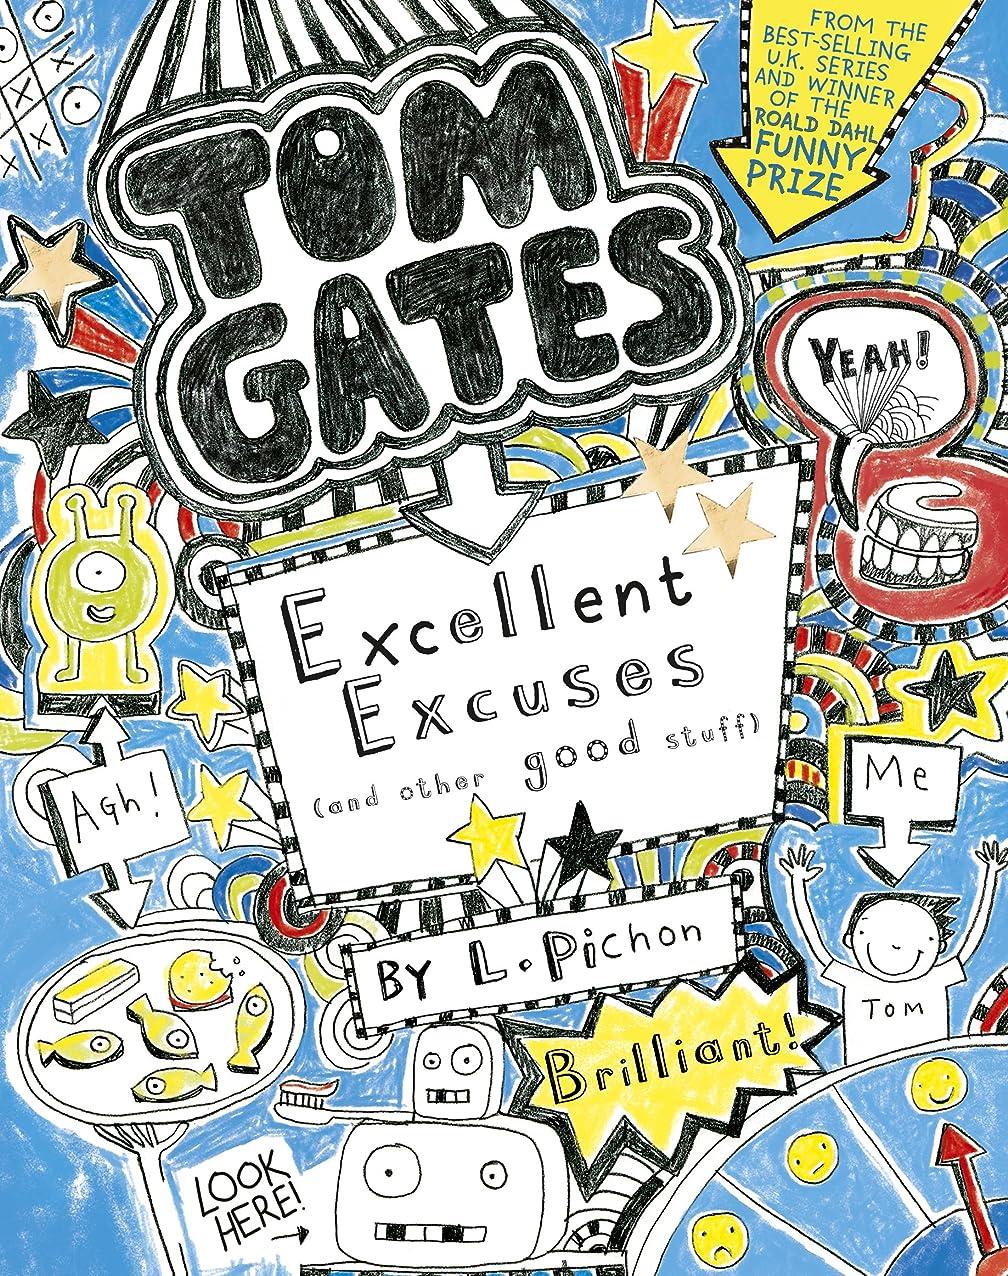 民間一月押し下げるTom Gates: Excellent Excuses (and Other Good Stuff) (English Edition)